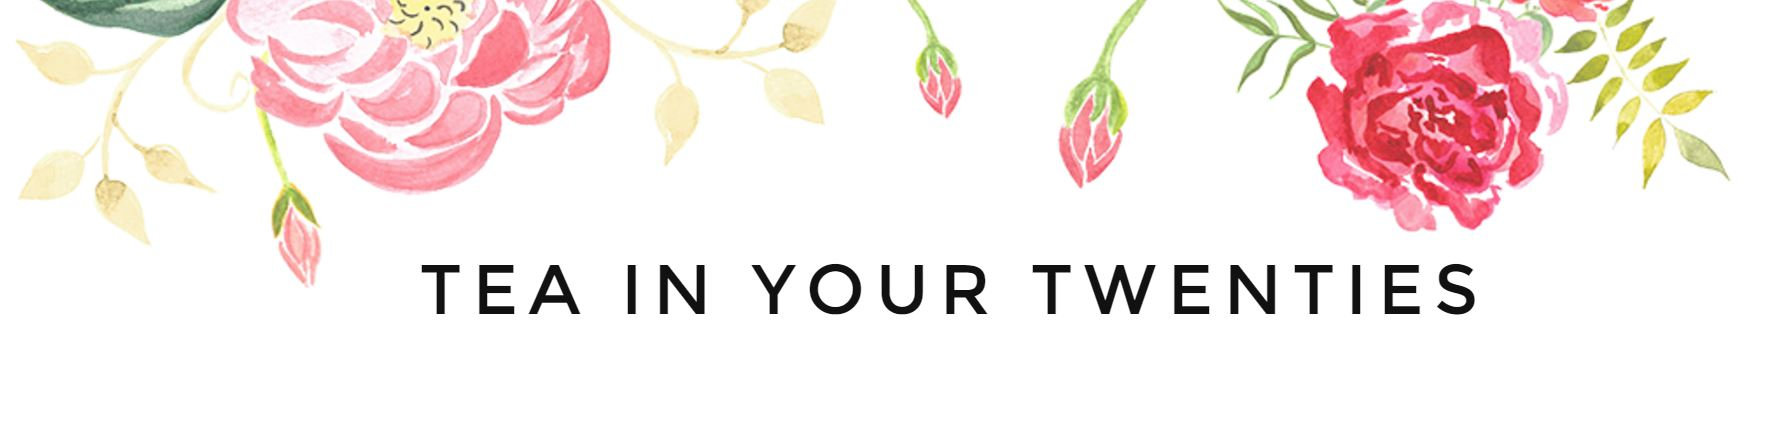 Q&A-Tea-In-Your-Twenties-13